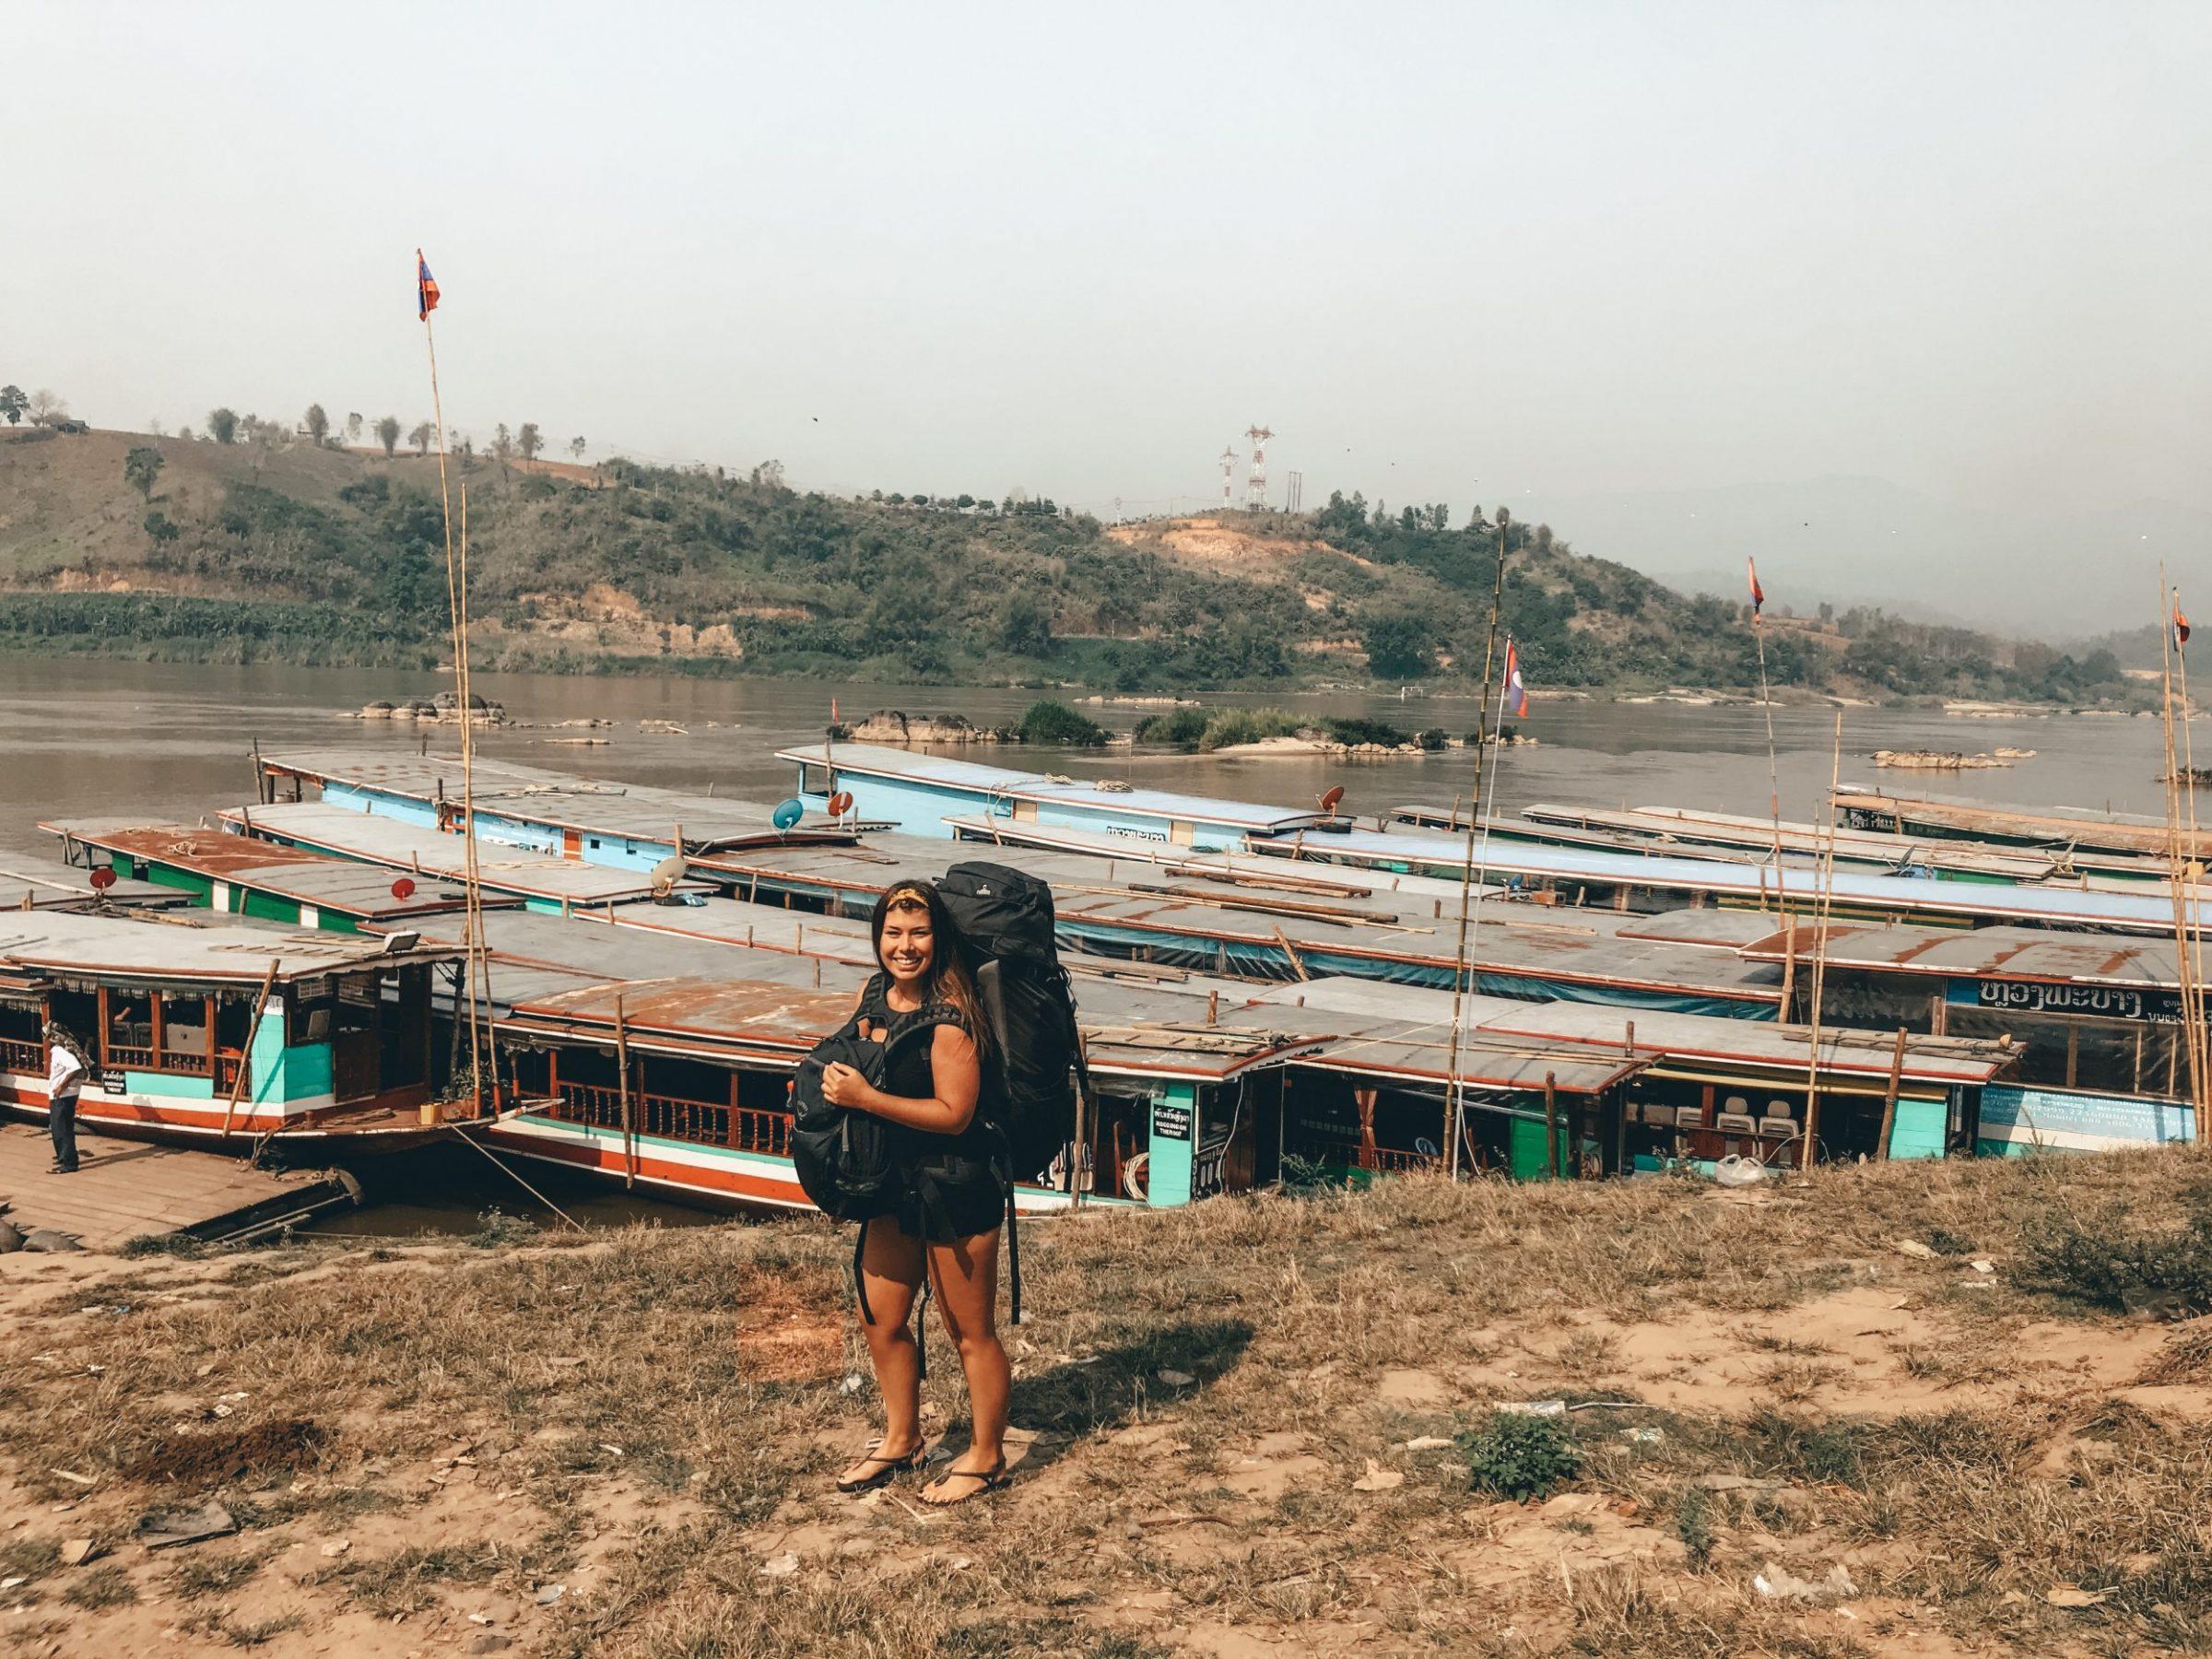 Het dorpje Huay Xai waar je de slowboat naar Luang Prabang kunt nemen